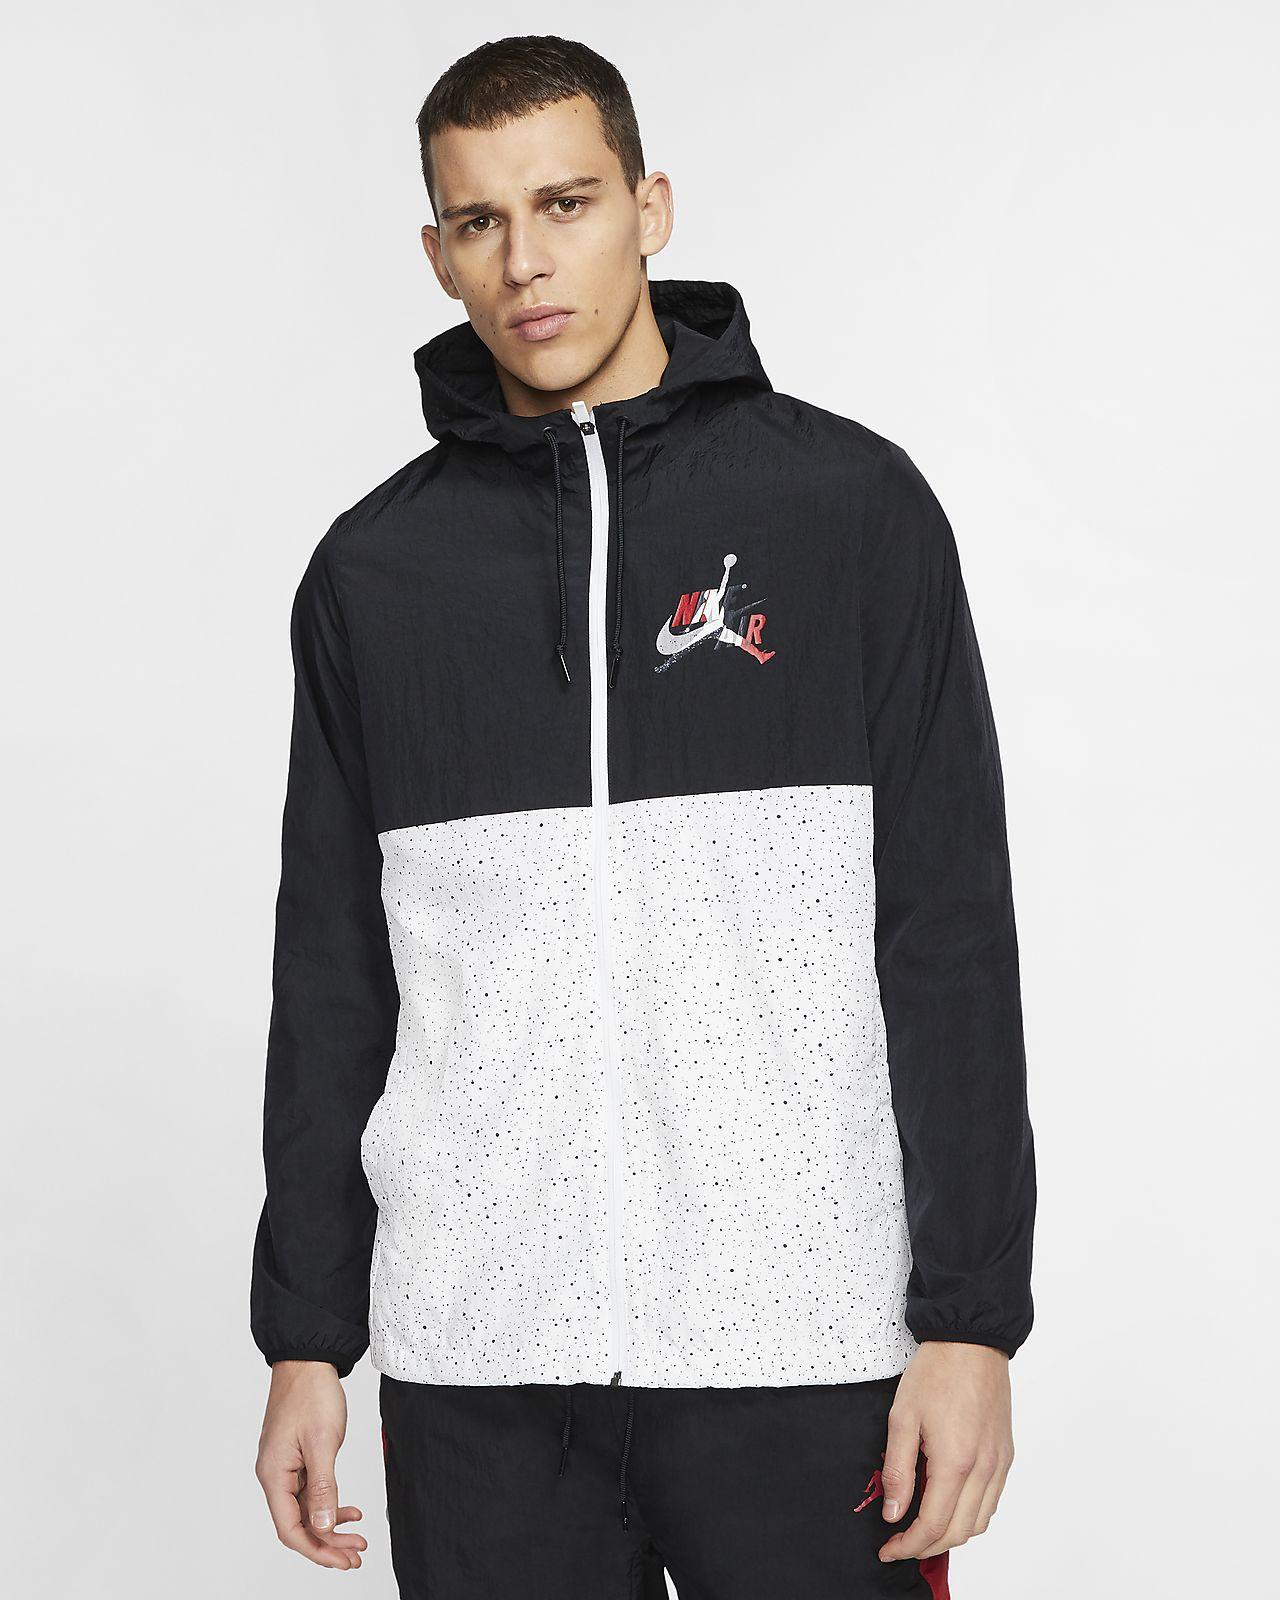 เสื้อแจ็คเก็ตกันลมผู้ชาย Jordan Jumpman Classics